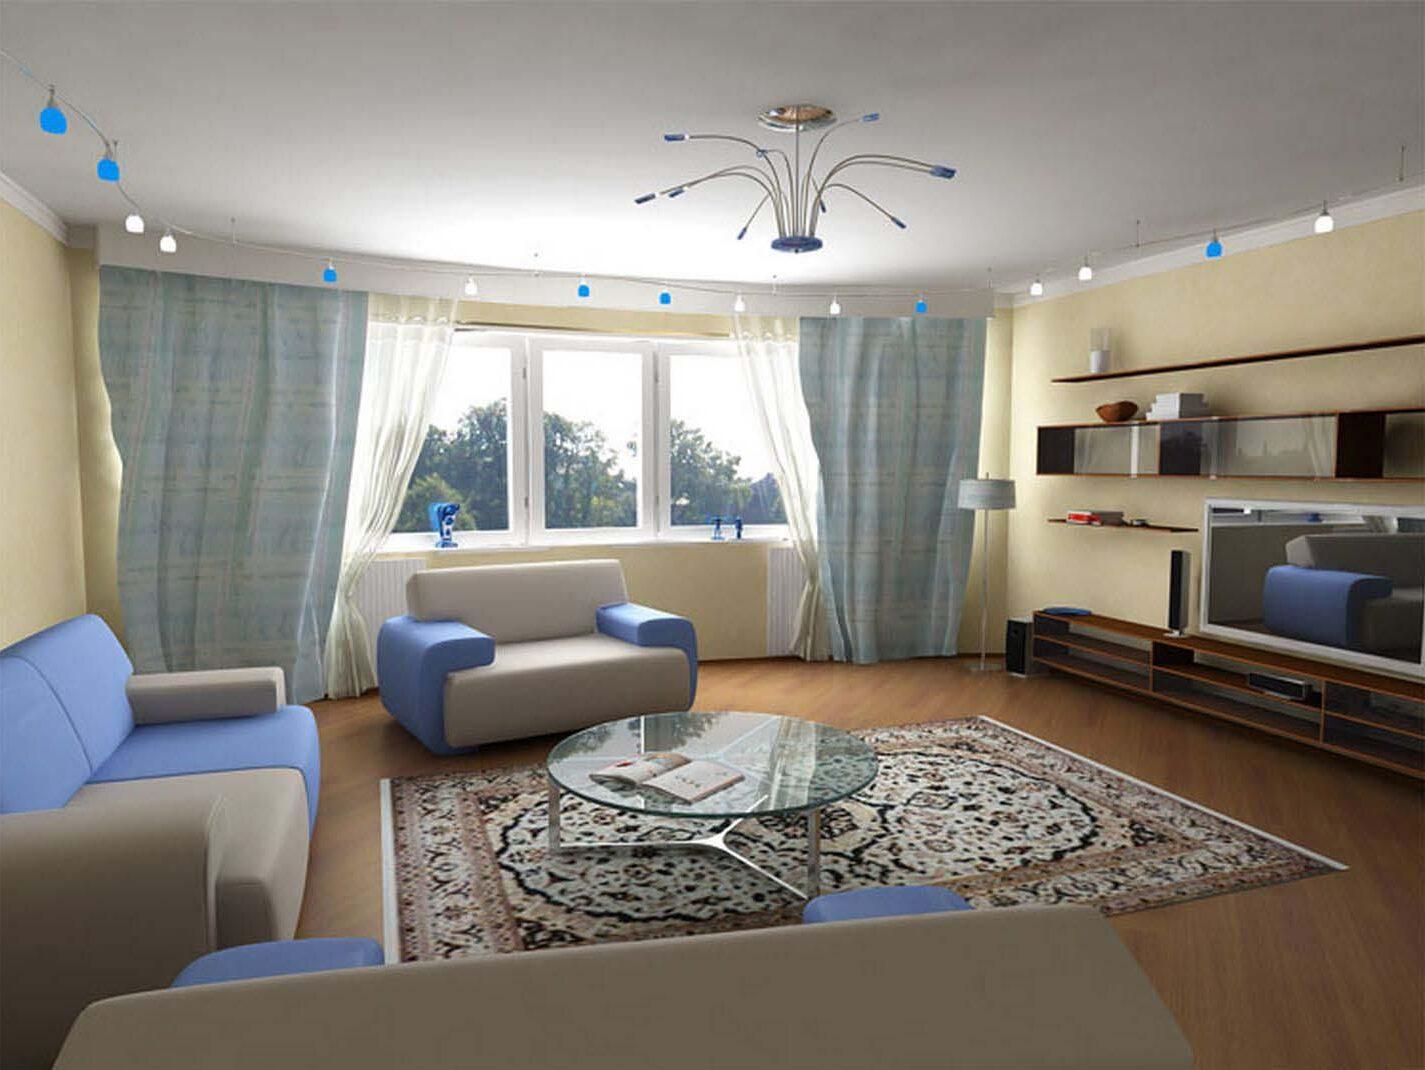 чистая и уютная гостиная в светлых тонах